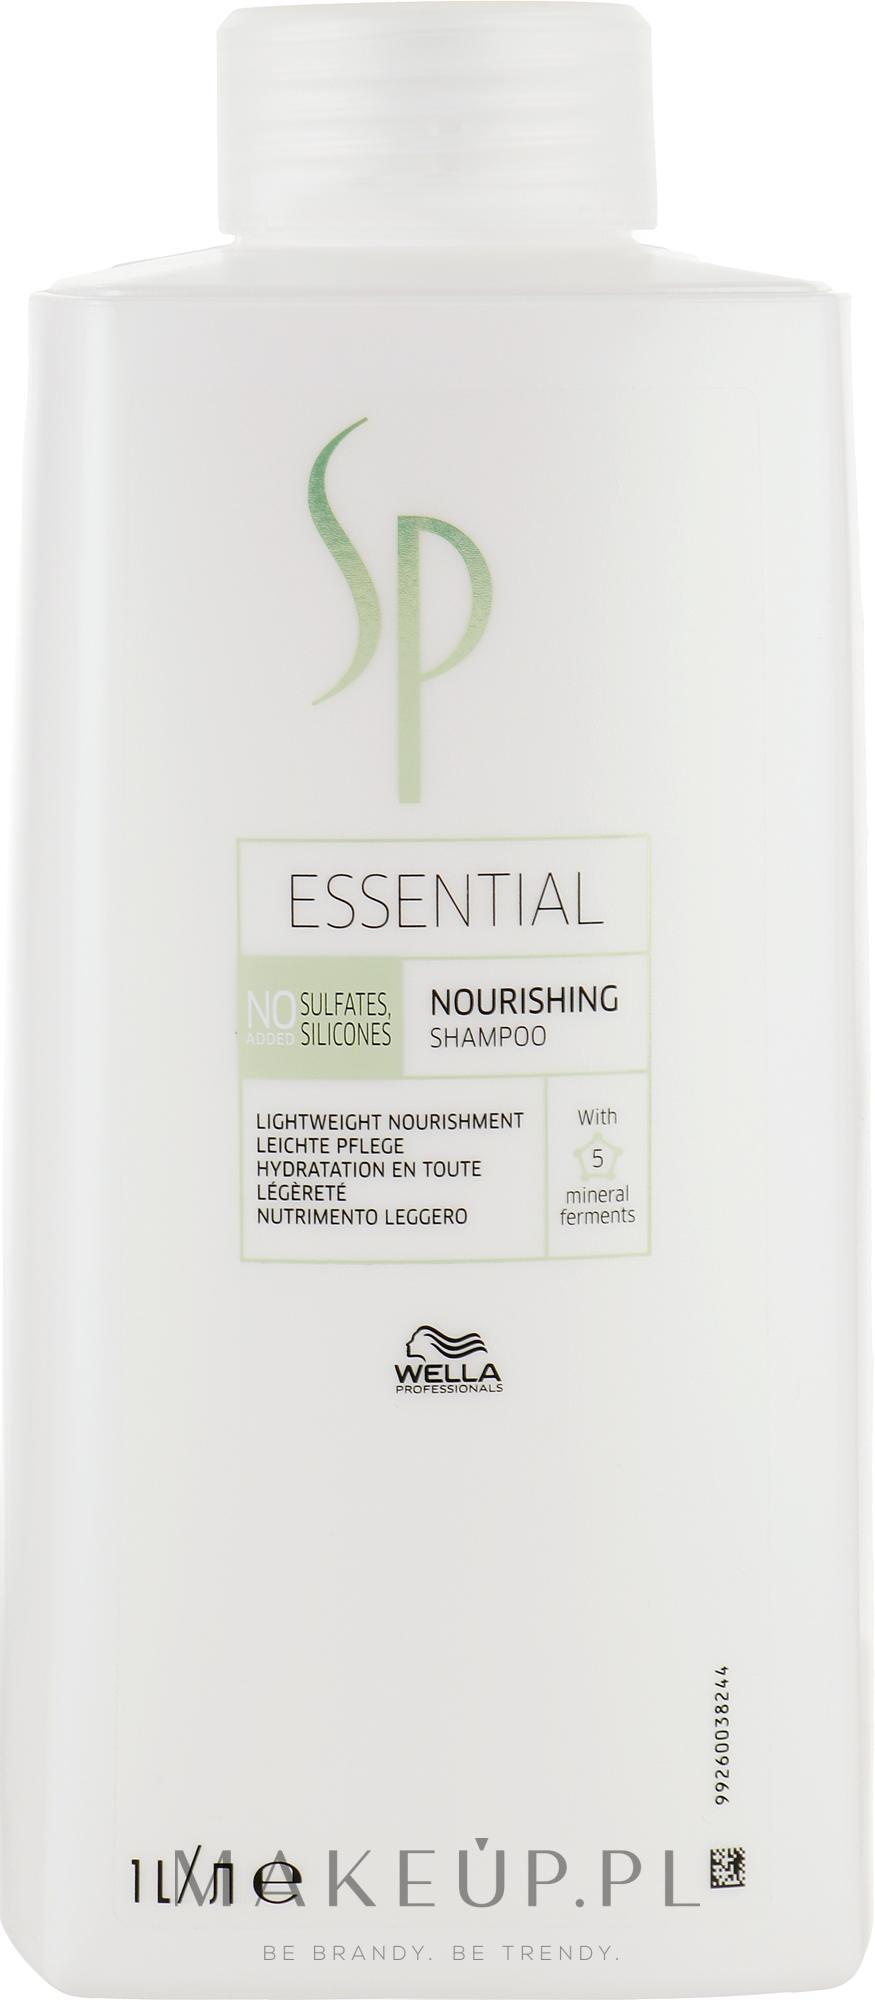 Odżywczy szampon do włosów bez obciążania - Wella SP Essential Nourishing Shampoo — фото 1000 ml